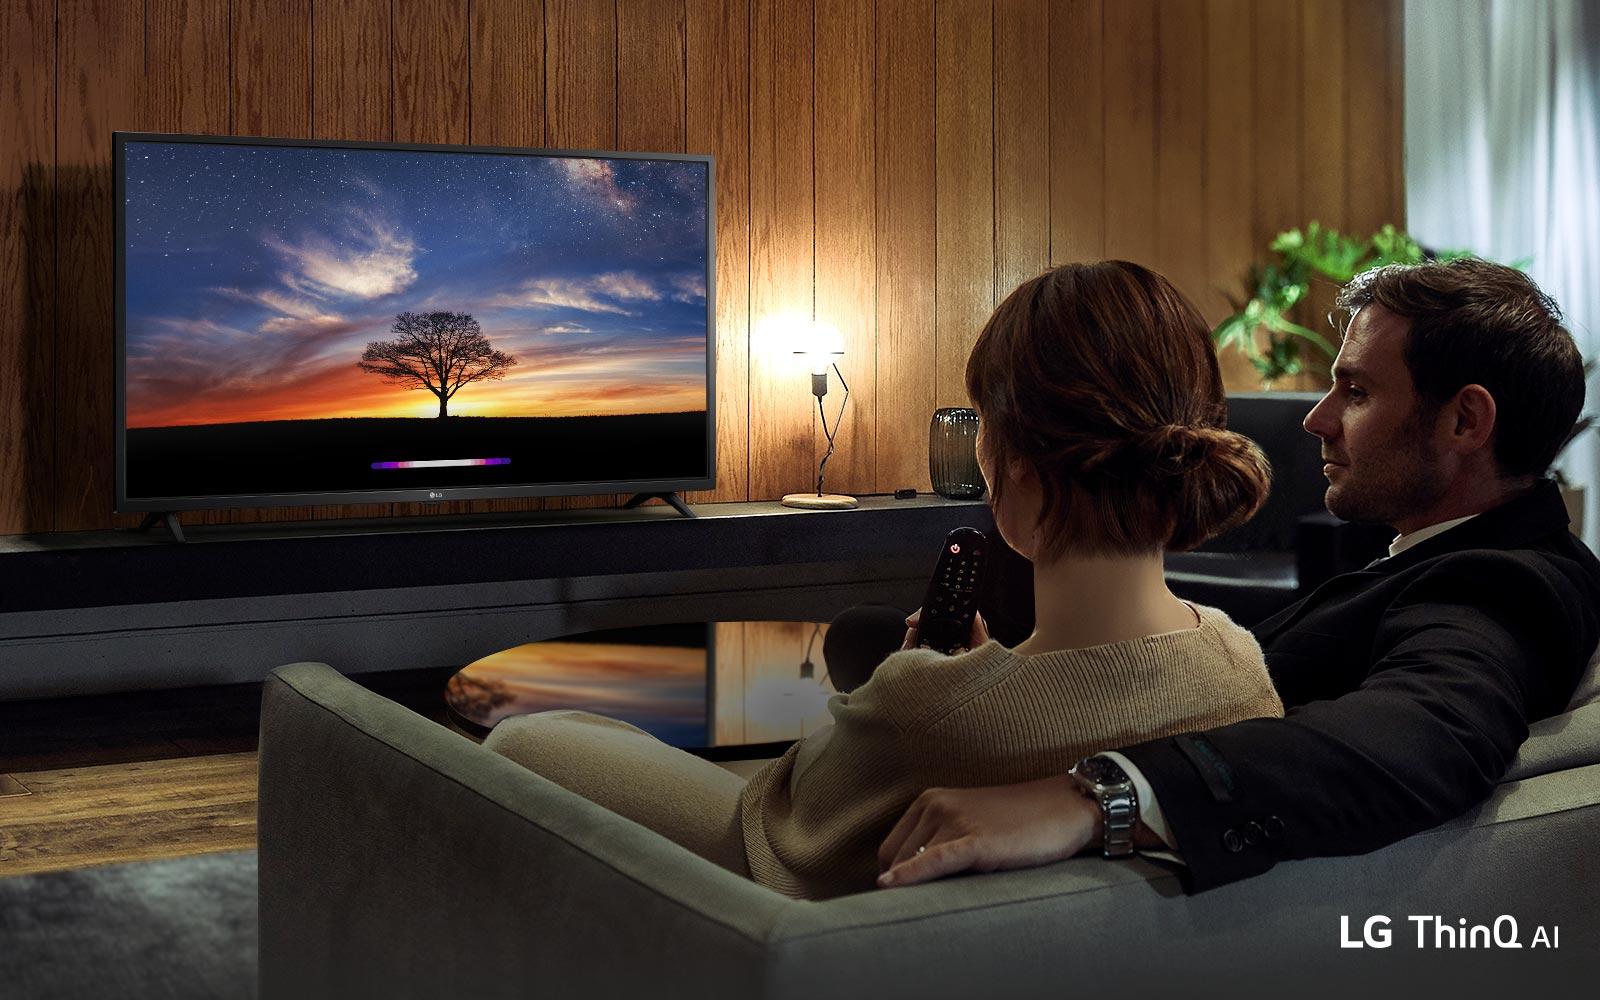 TV-FHD-43-LM63-07-AI-Desktop